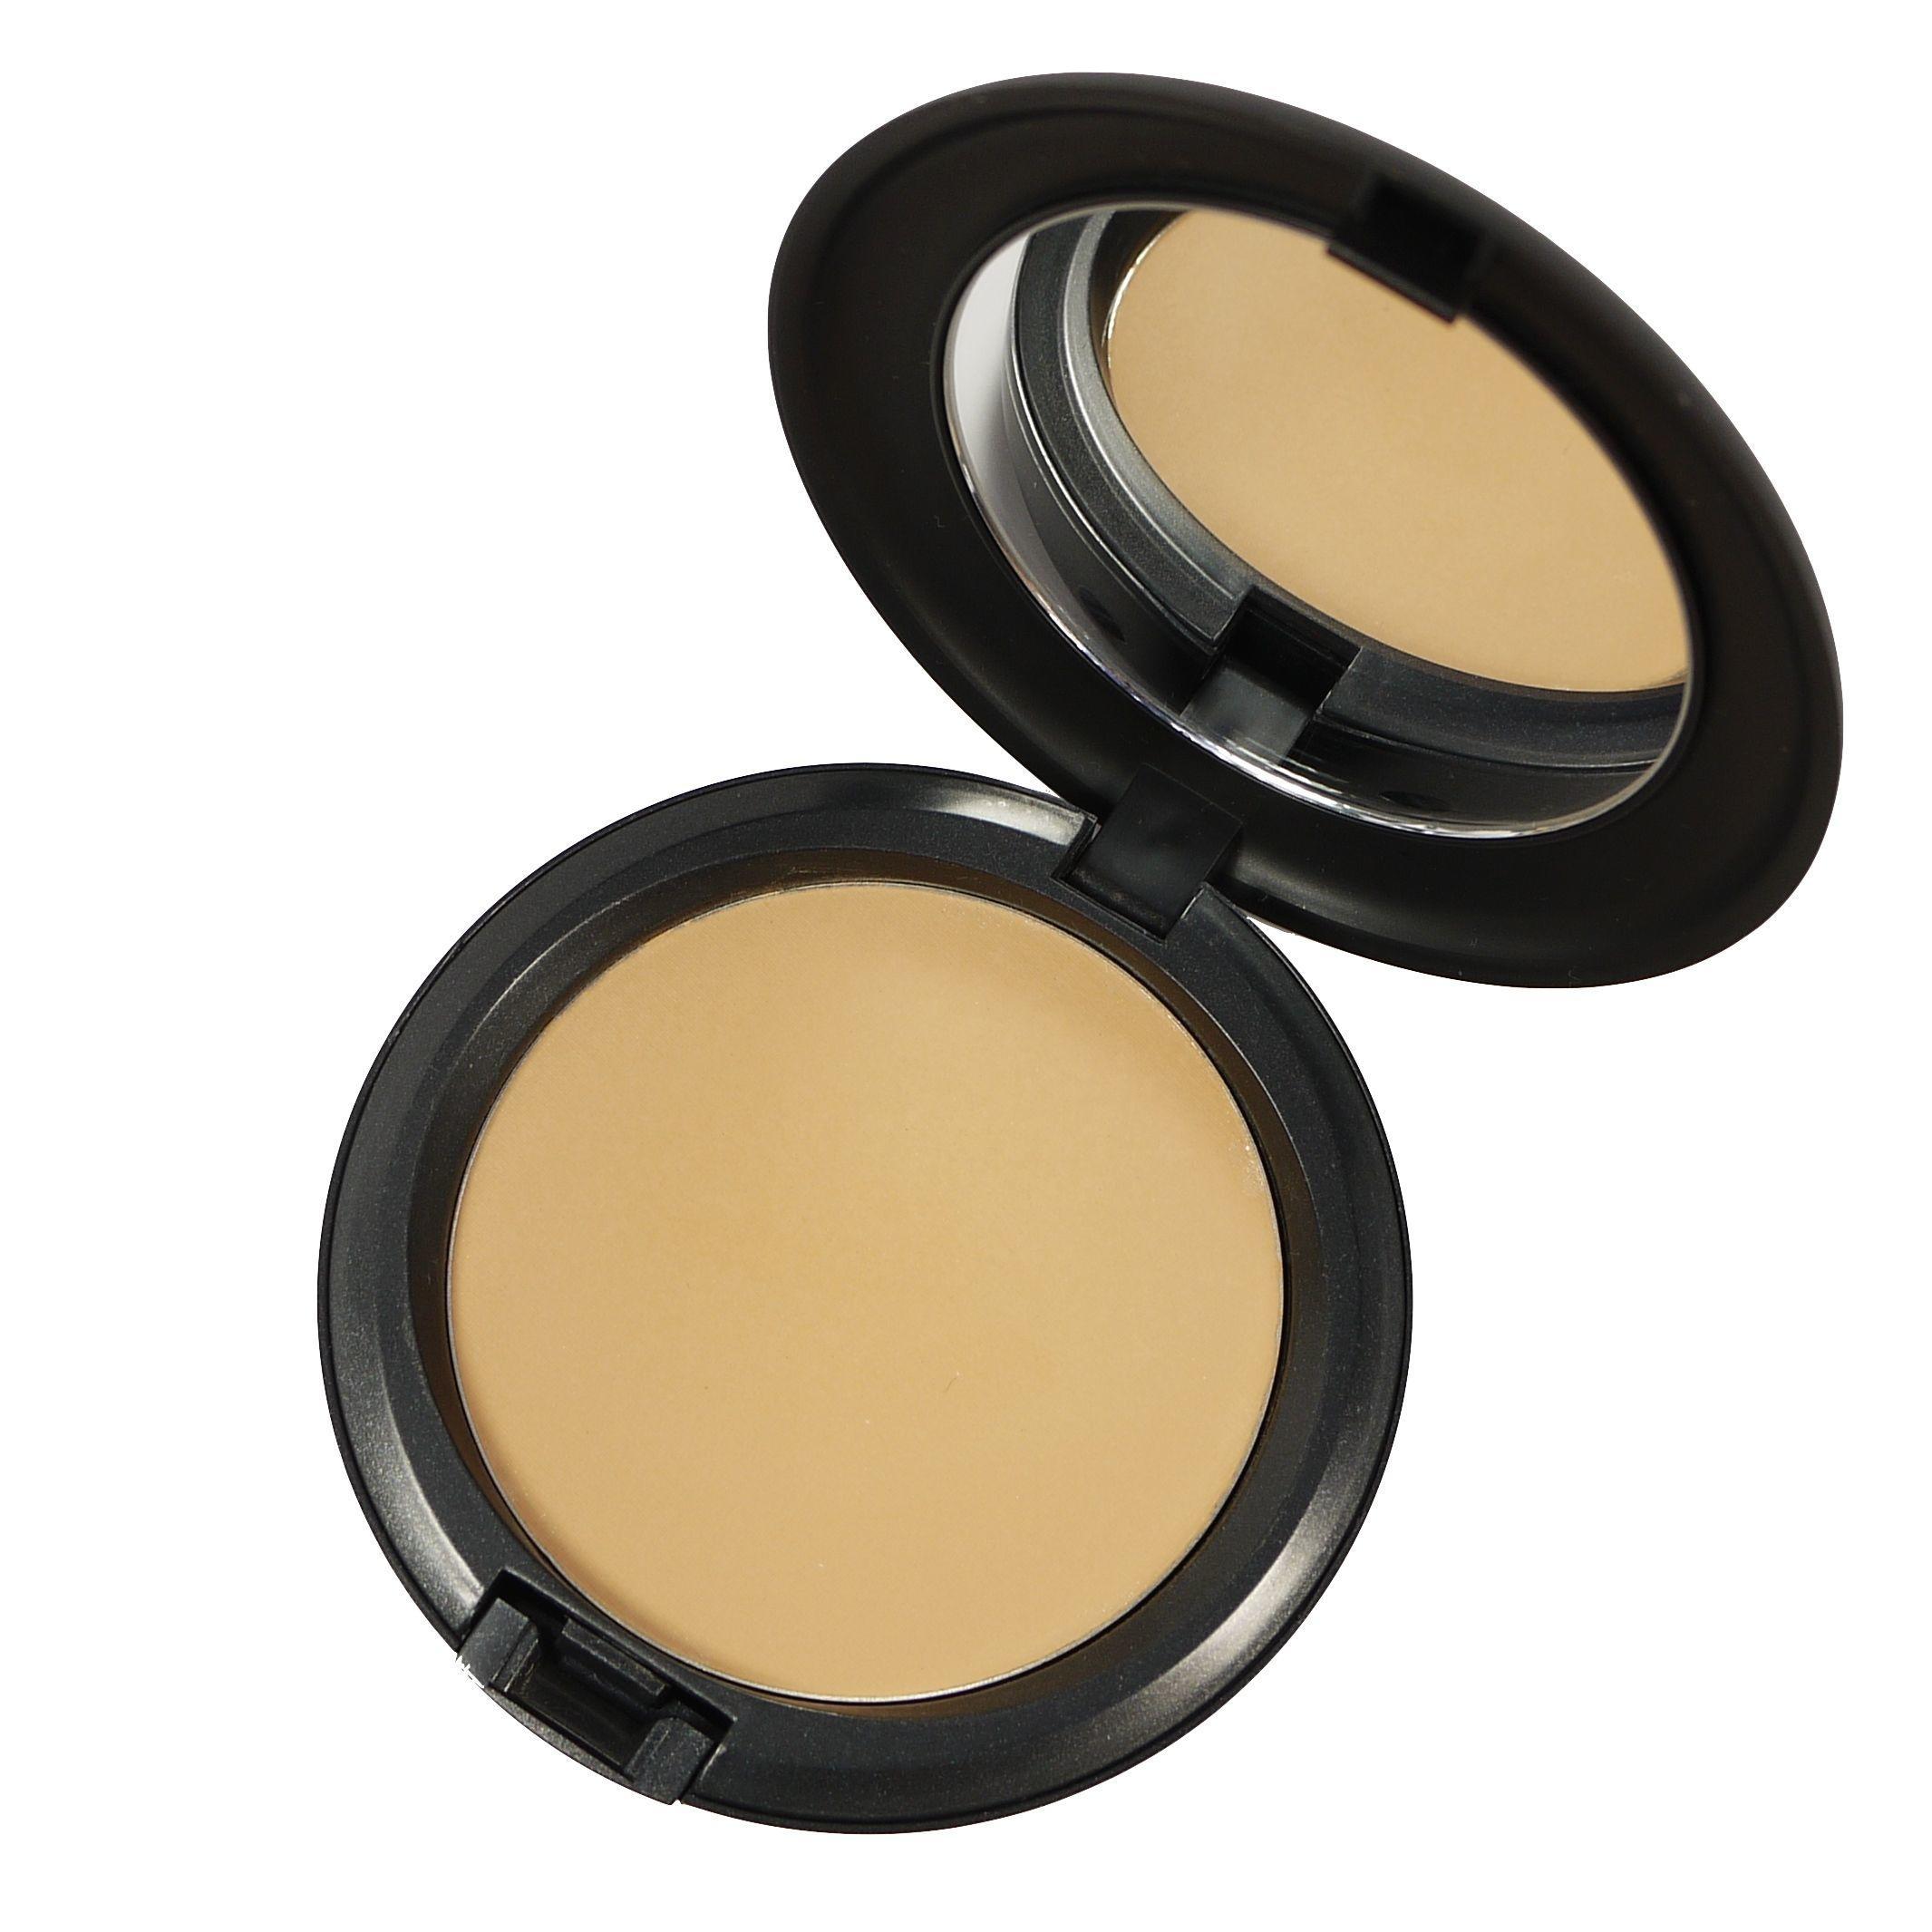 MAC Select Sheer Pressed Powder NC45 | Glambot.com - Best ...